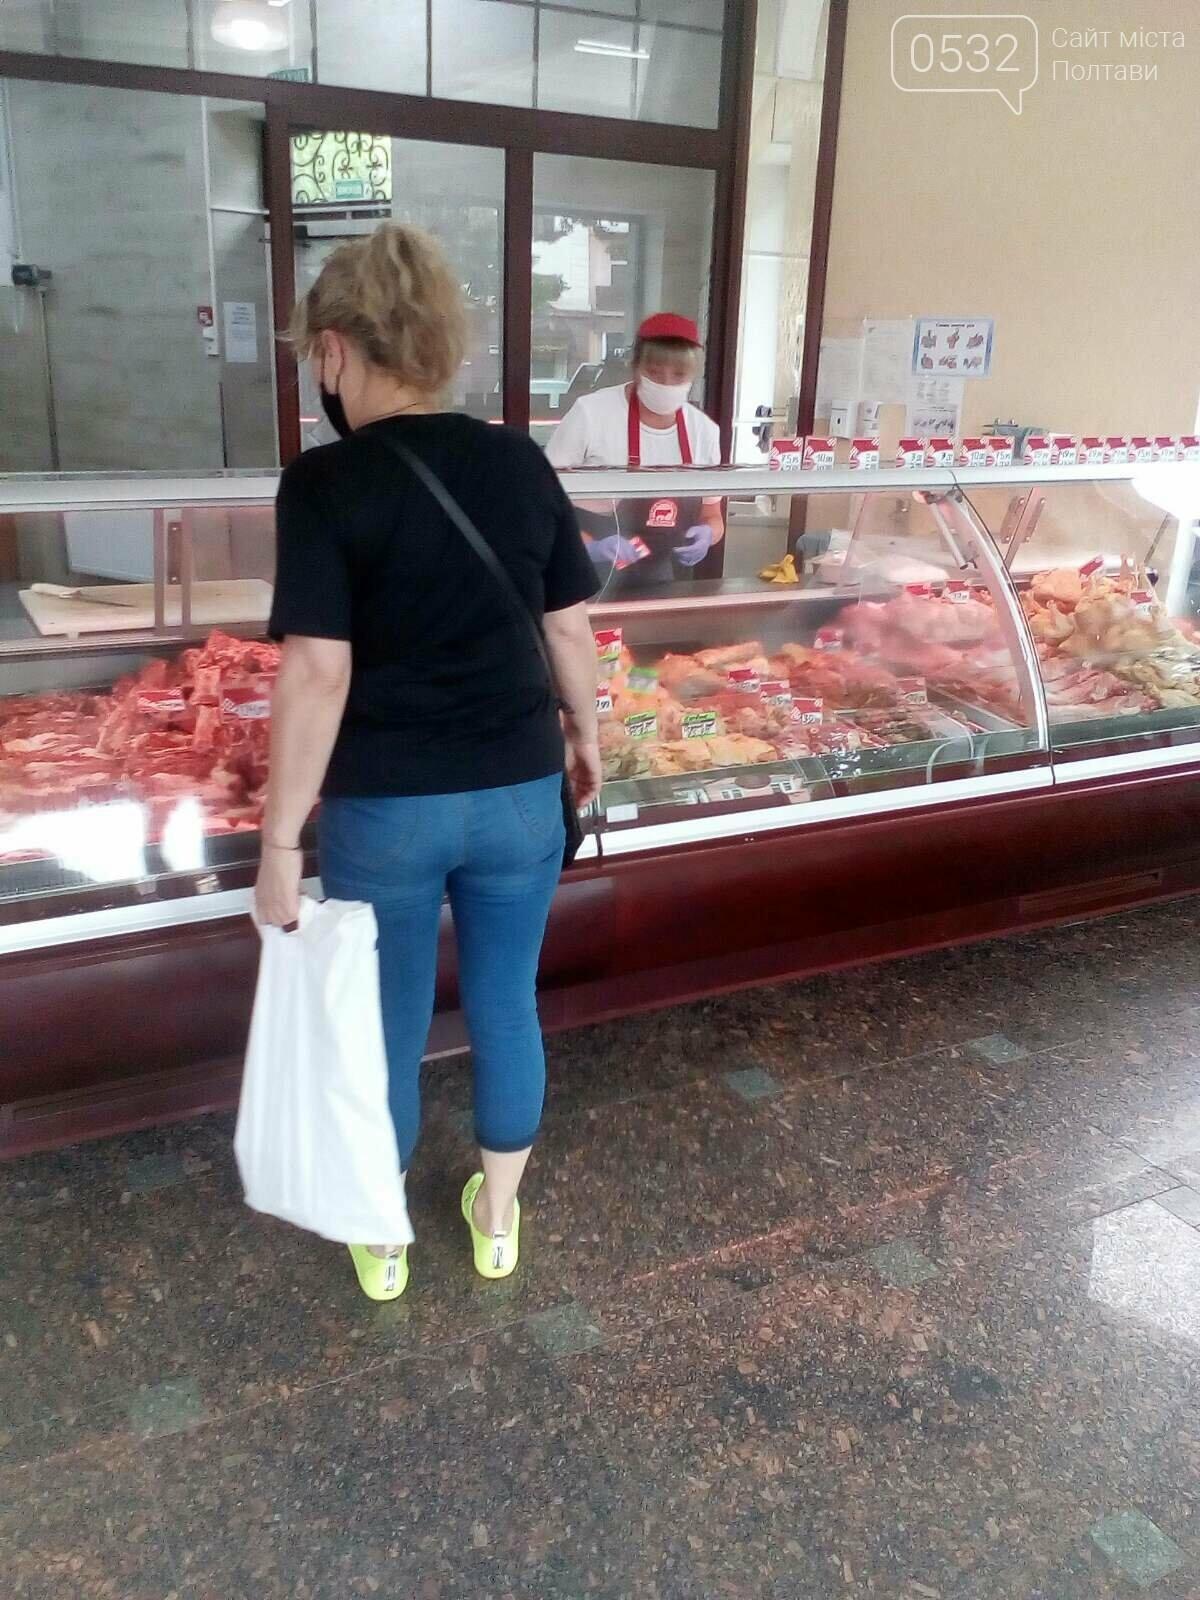 Держпродспоживслужба виявила низку порушень під час перевірок полтавських магазинів та кафе, фото-2